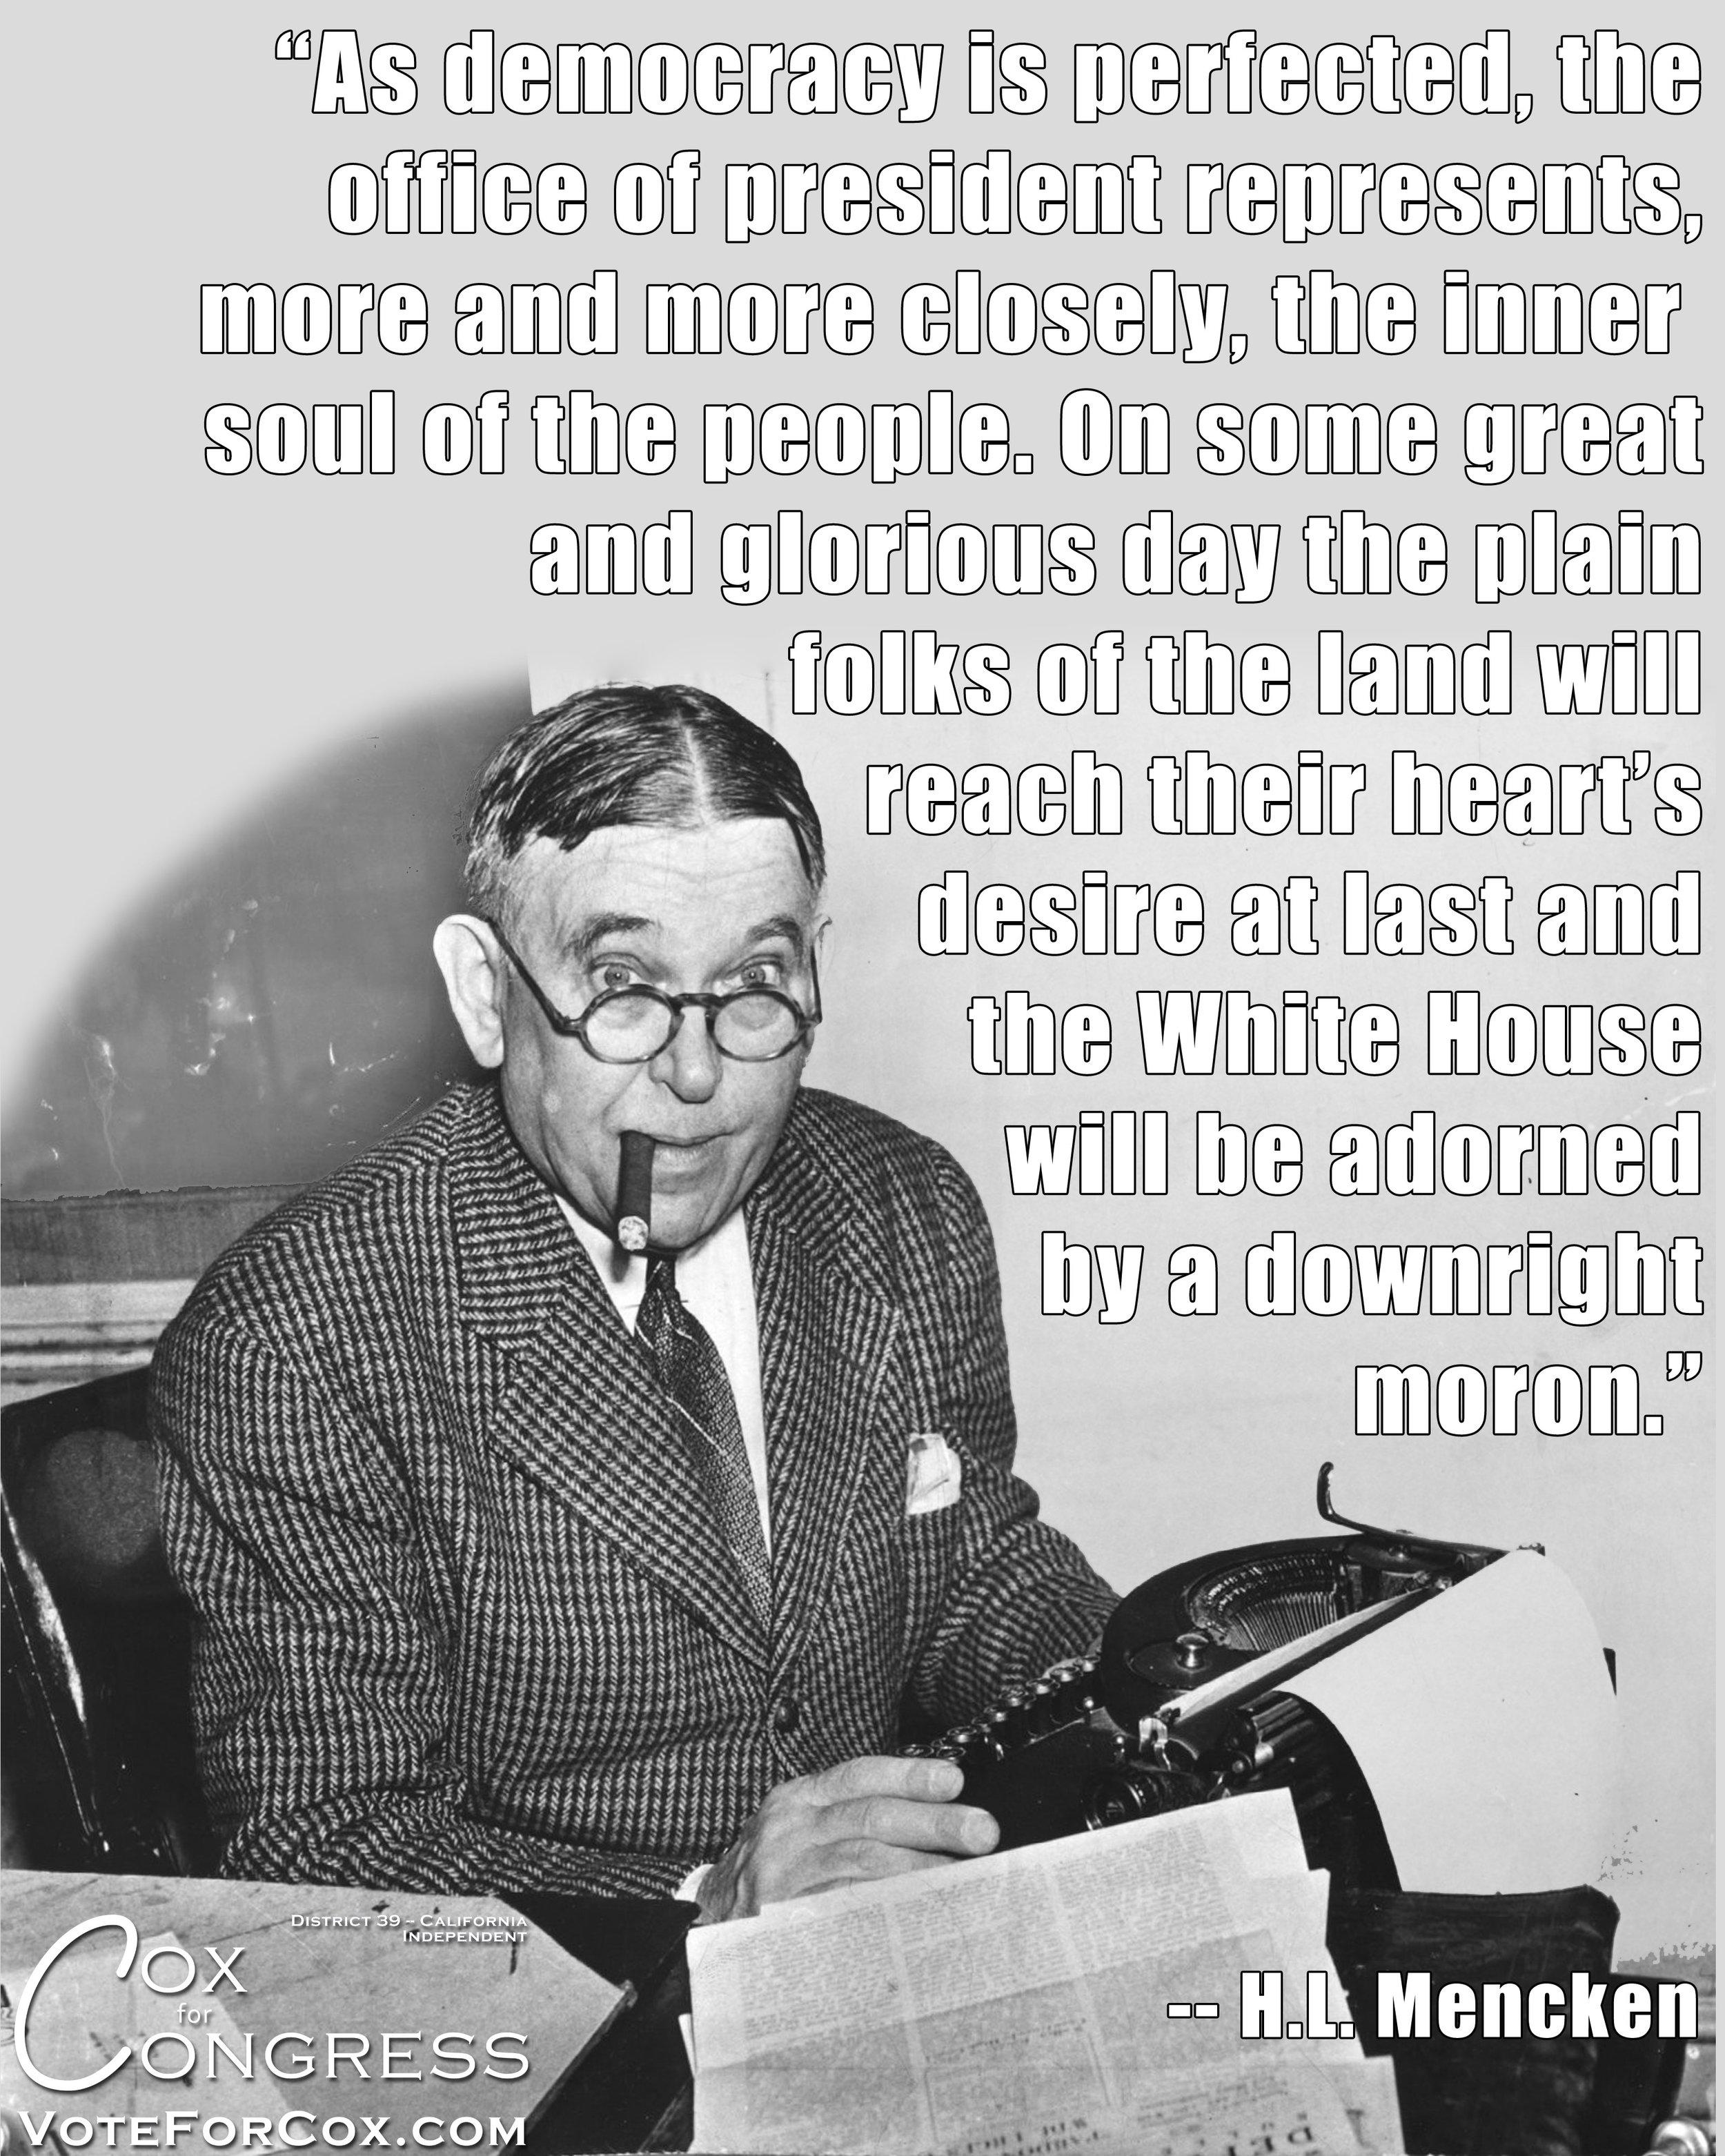 Journalist/Satirist H.L. Mencken predicting the future.